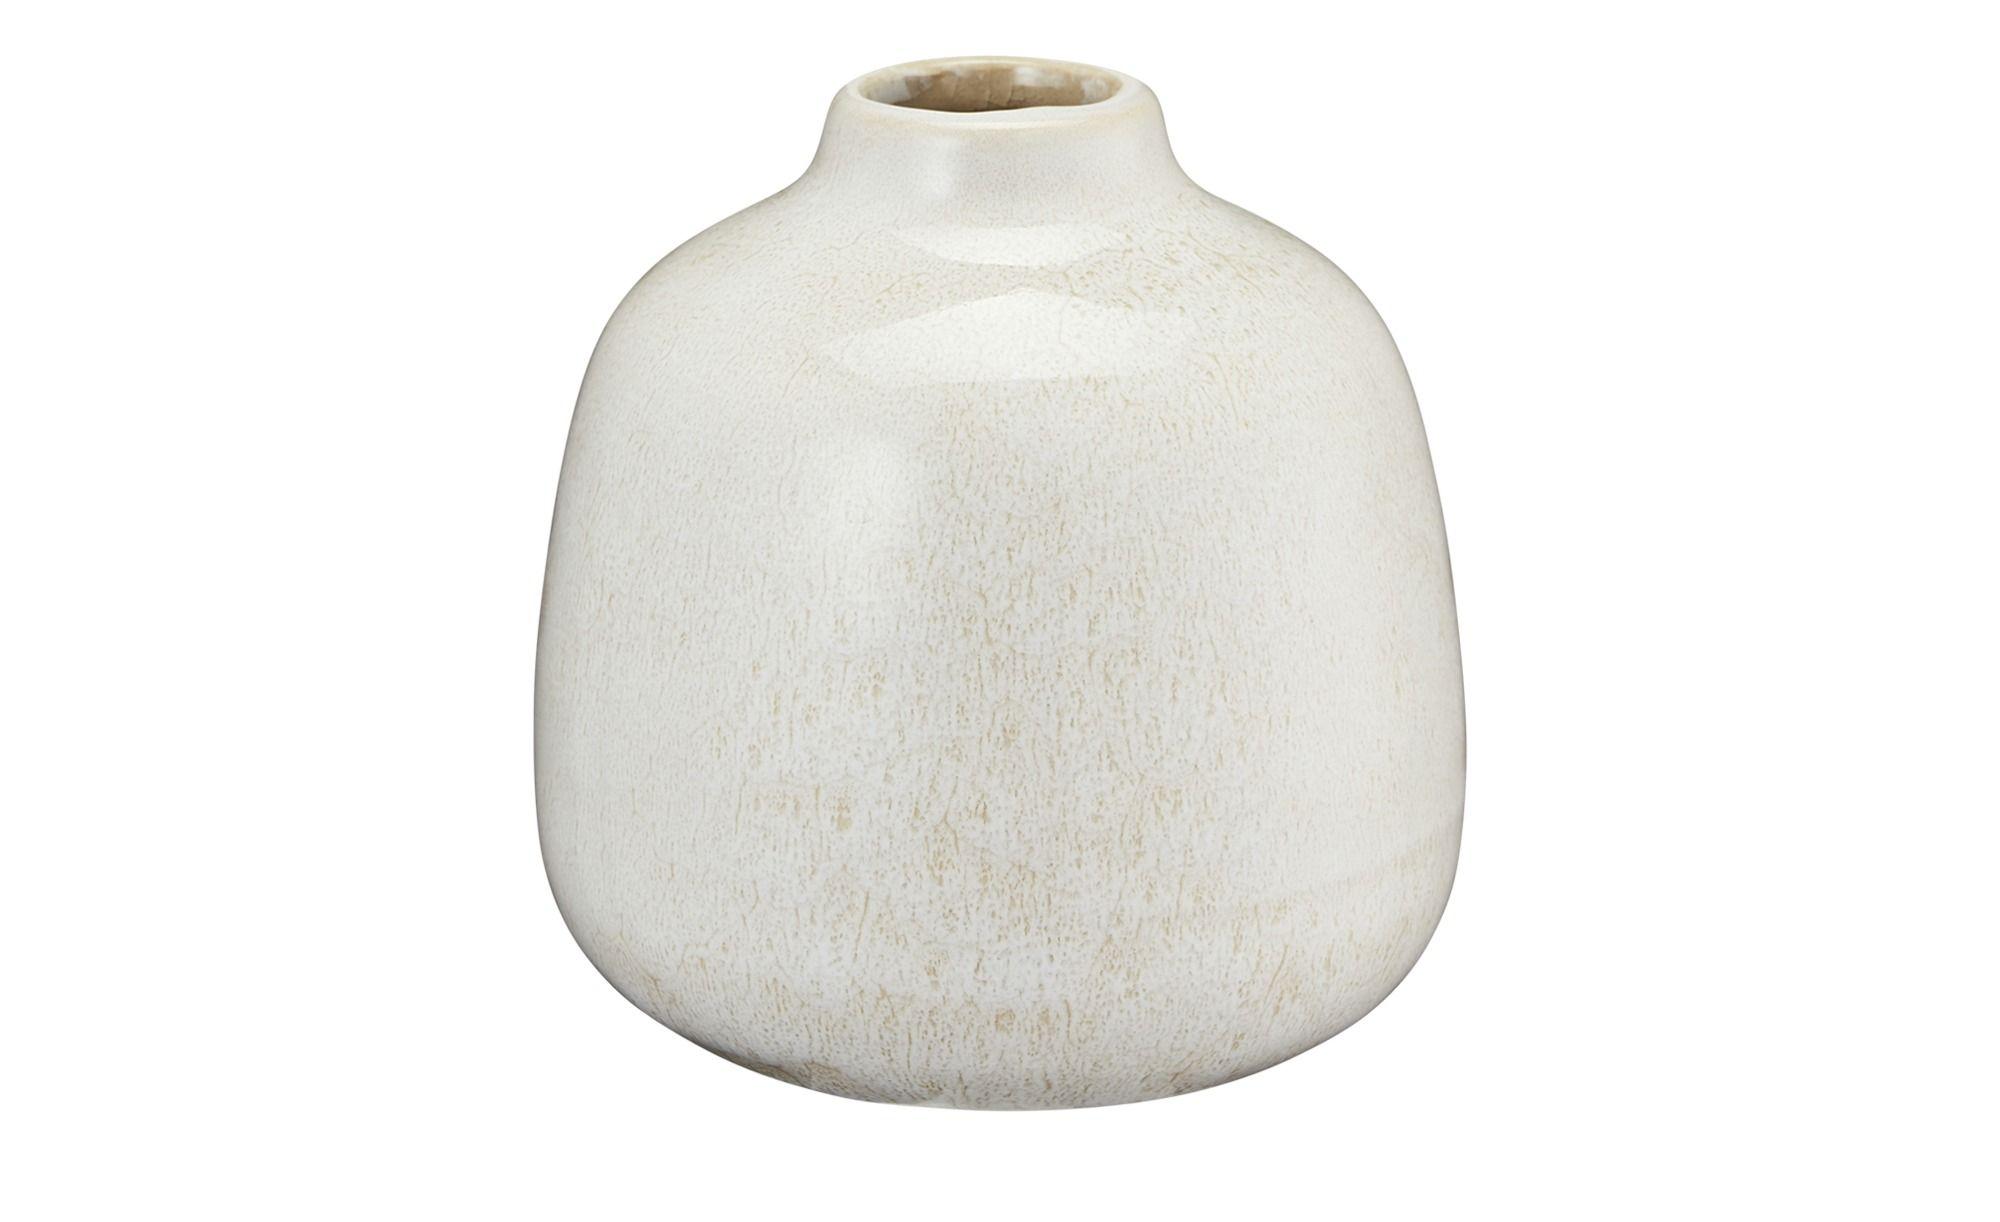 Vase Gefunden Bei Mobel Hoffner Hoffner Vase Und Kuchenplanung